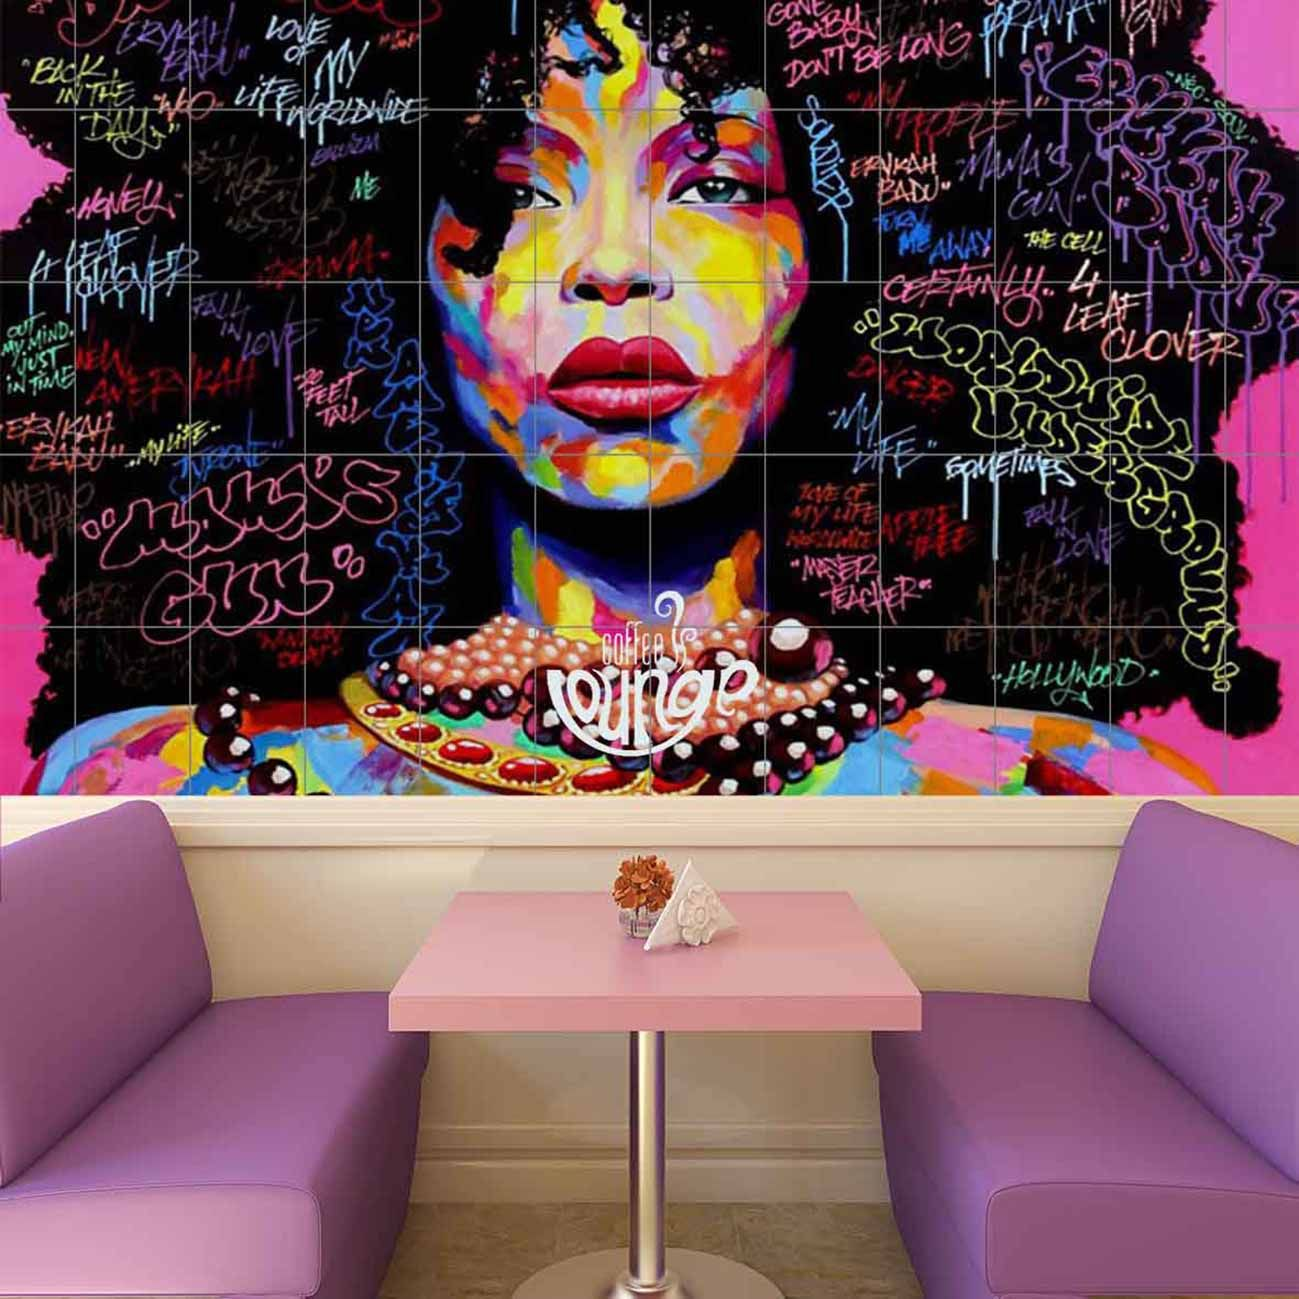 Carrelage imprimé aux couleurs Jazzys repenser votre façon de carreler, osez le carrelage personnalisé. Créer des ambiances sur mesure et attirez l'oeil de vos clients.